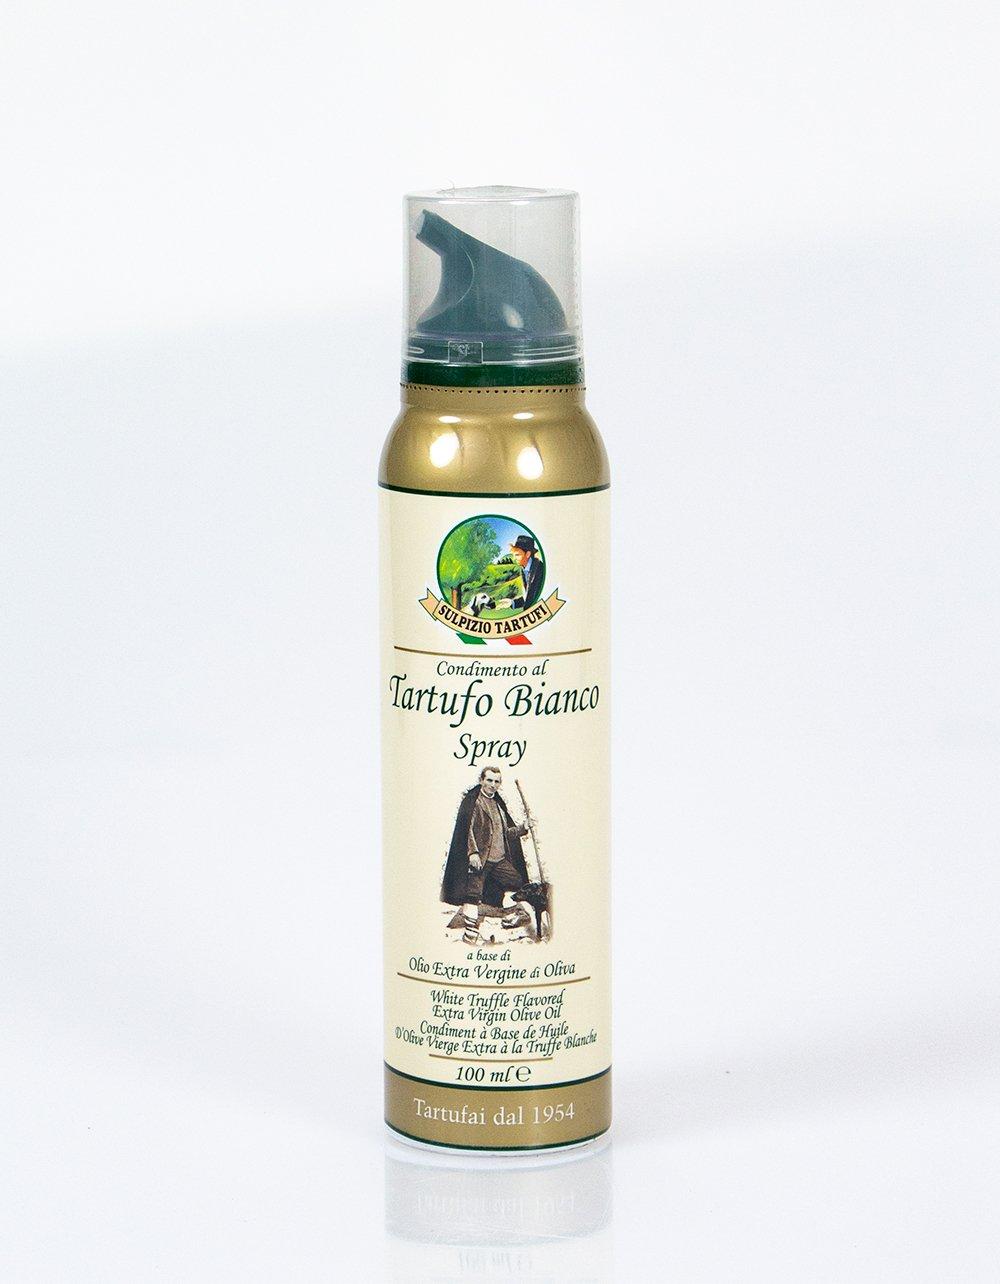 Sulpizio Tartufi White Truffle Extra Virgin Olive Oil Spray 100mL